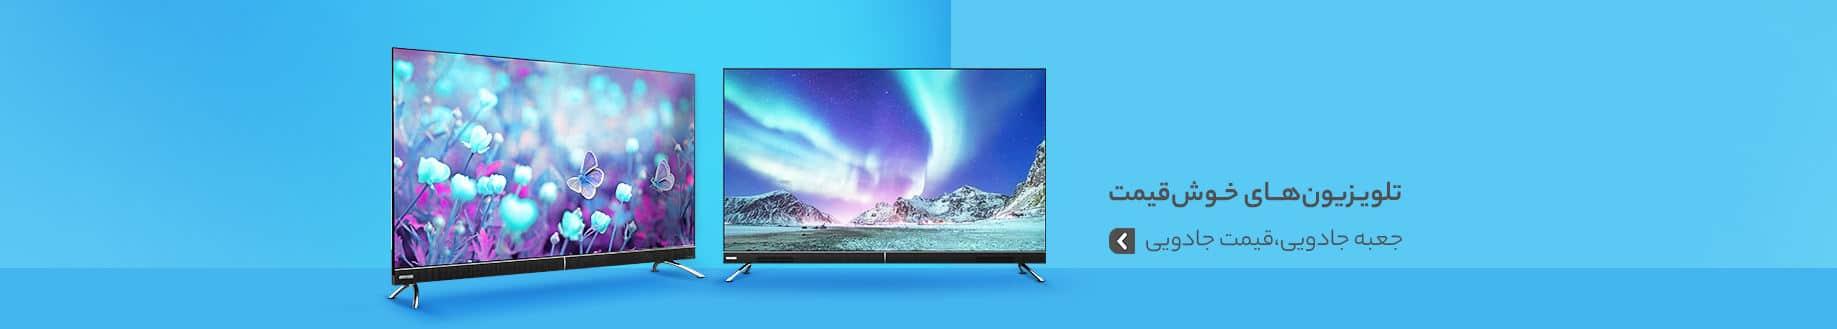 خرید تلویزیونهای خوش قیمت